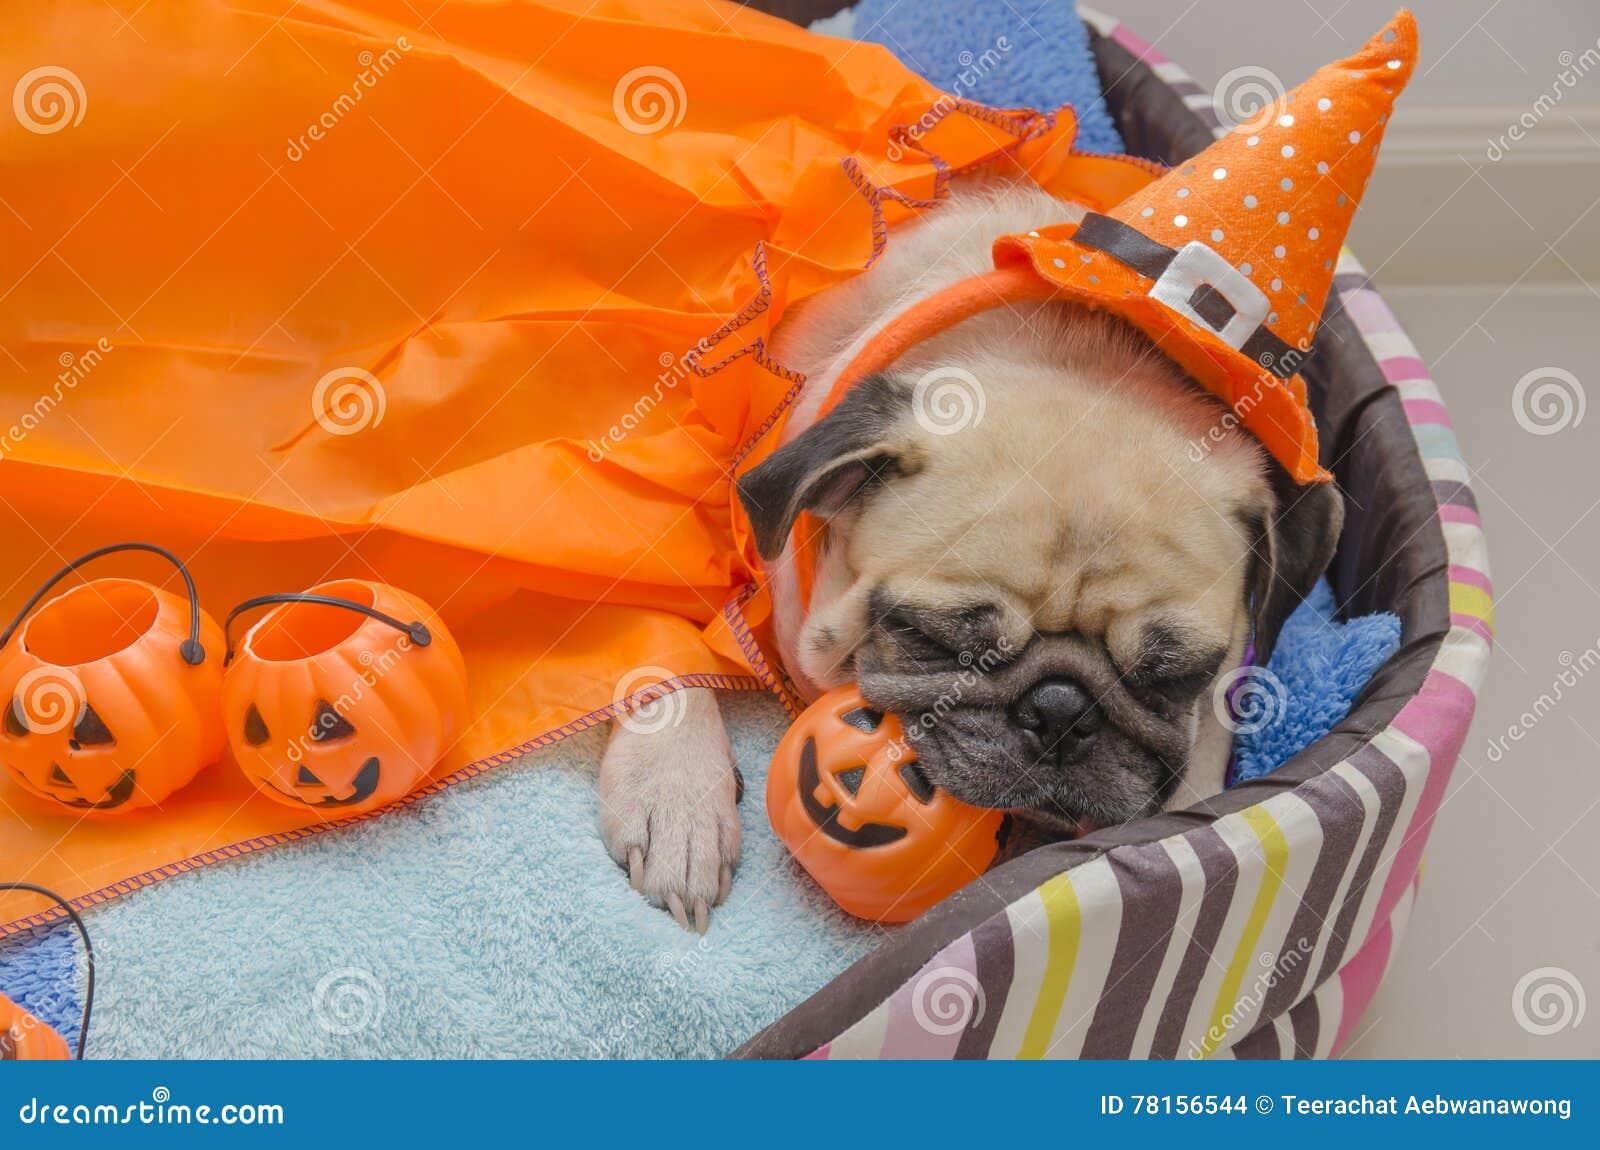 De leuke pug hond met kostuum van de gelukkige Halloween-rust van de dagslaap bepaalt op bed